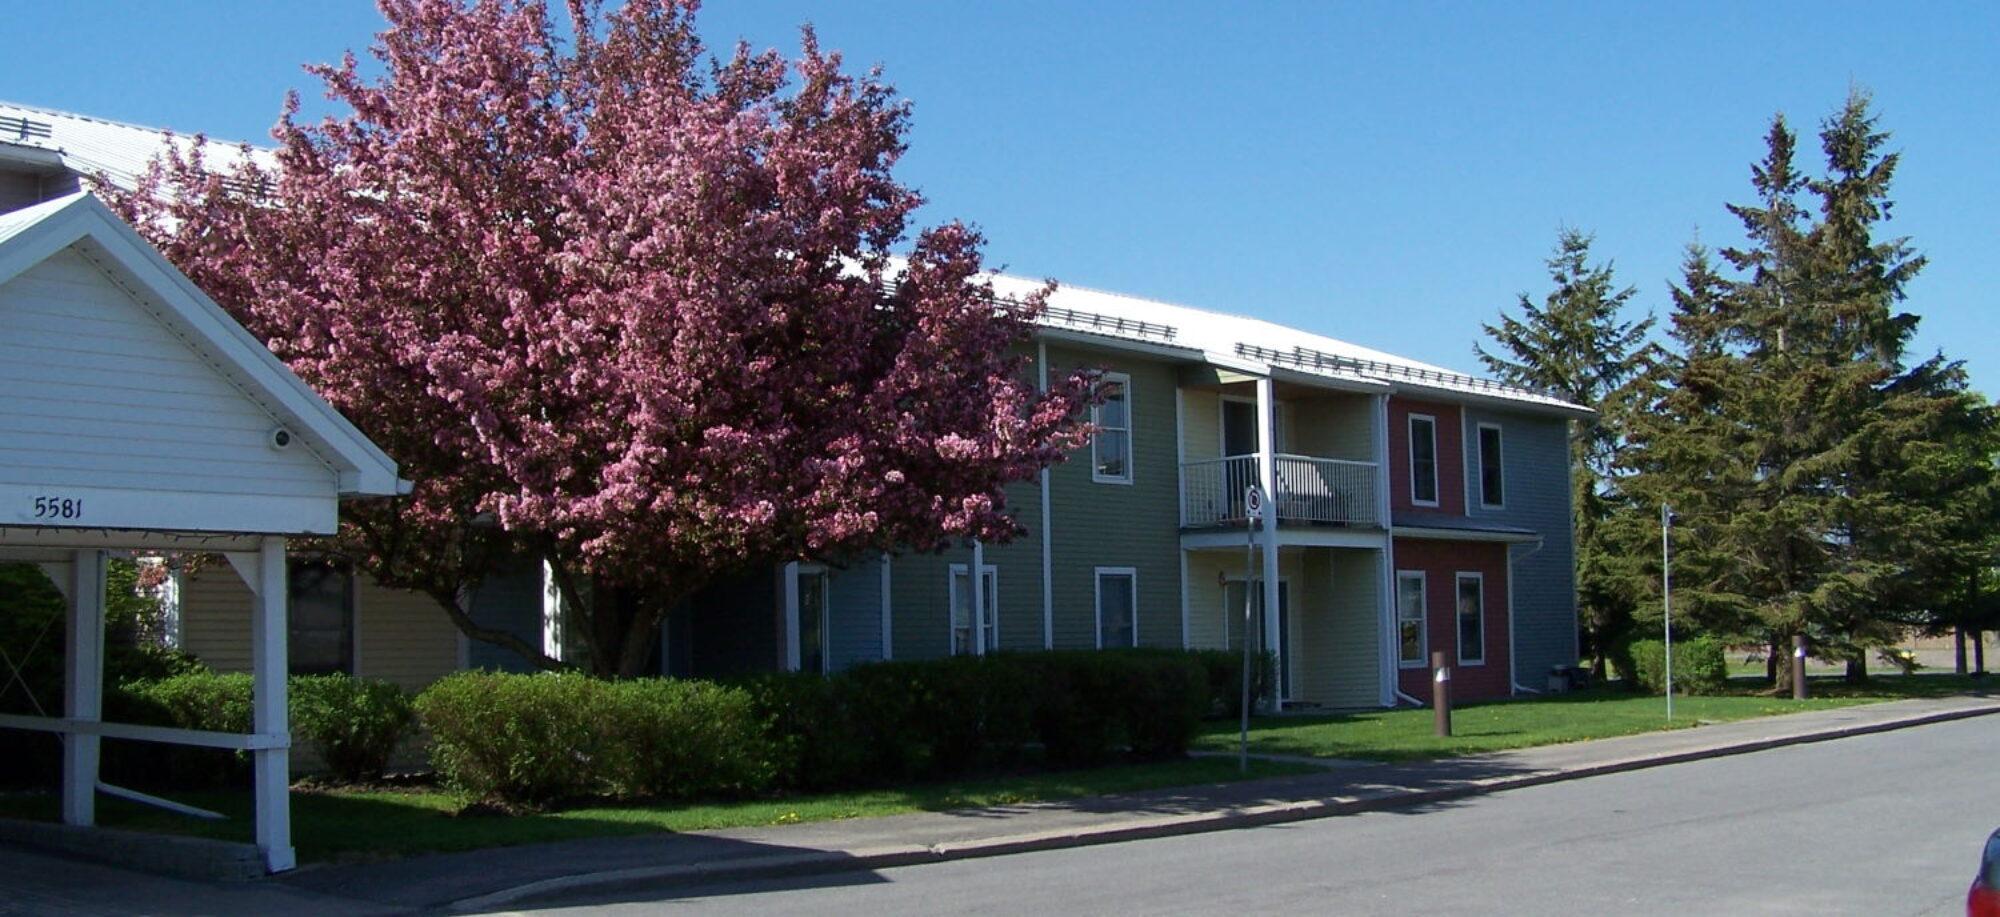 Rideau Non Profit Housing